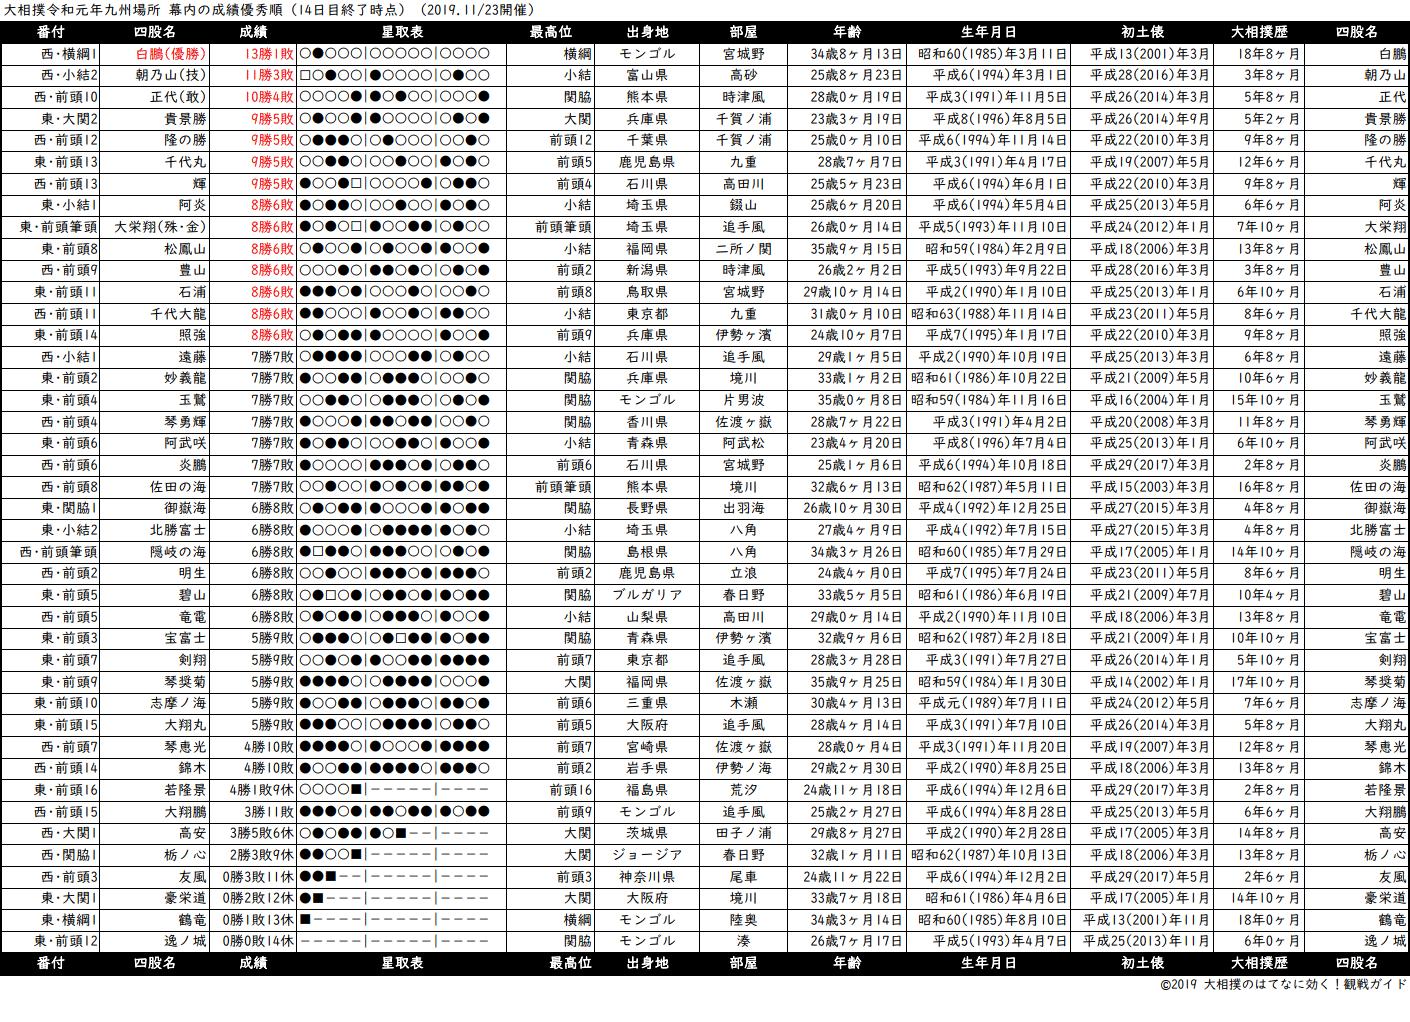 幕内成績順一覧表・2019年11月場所14日目